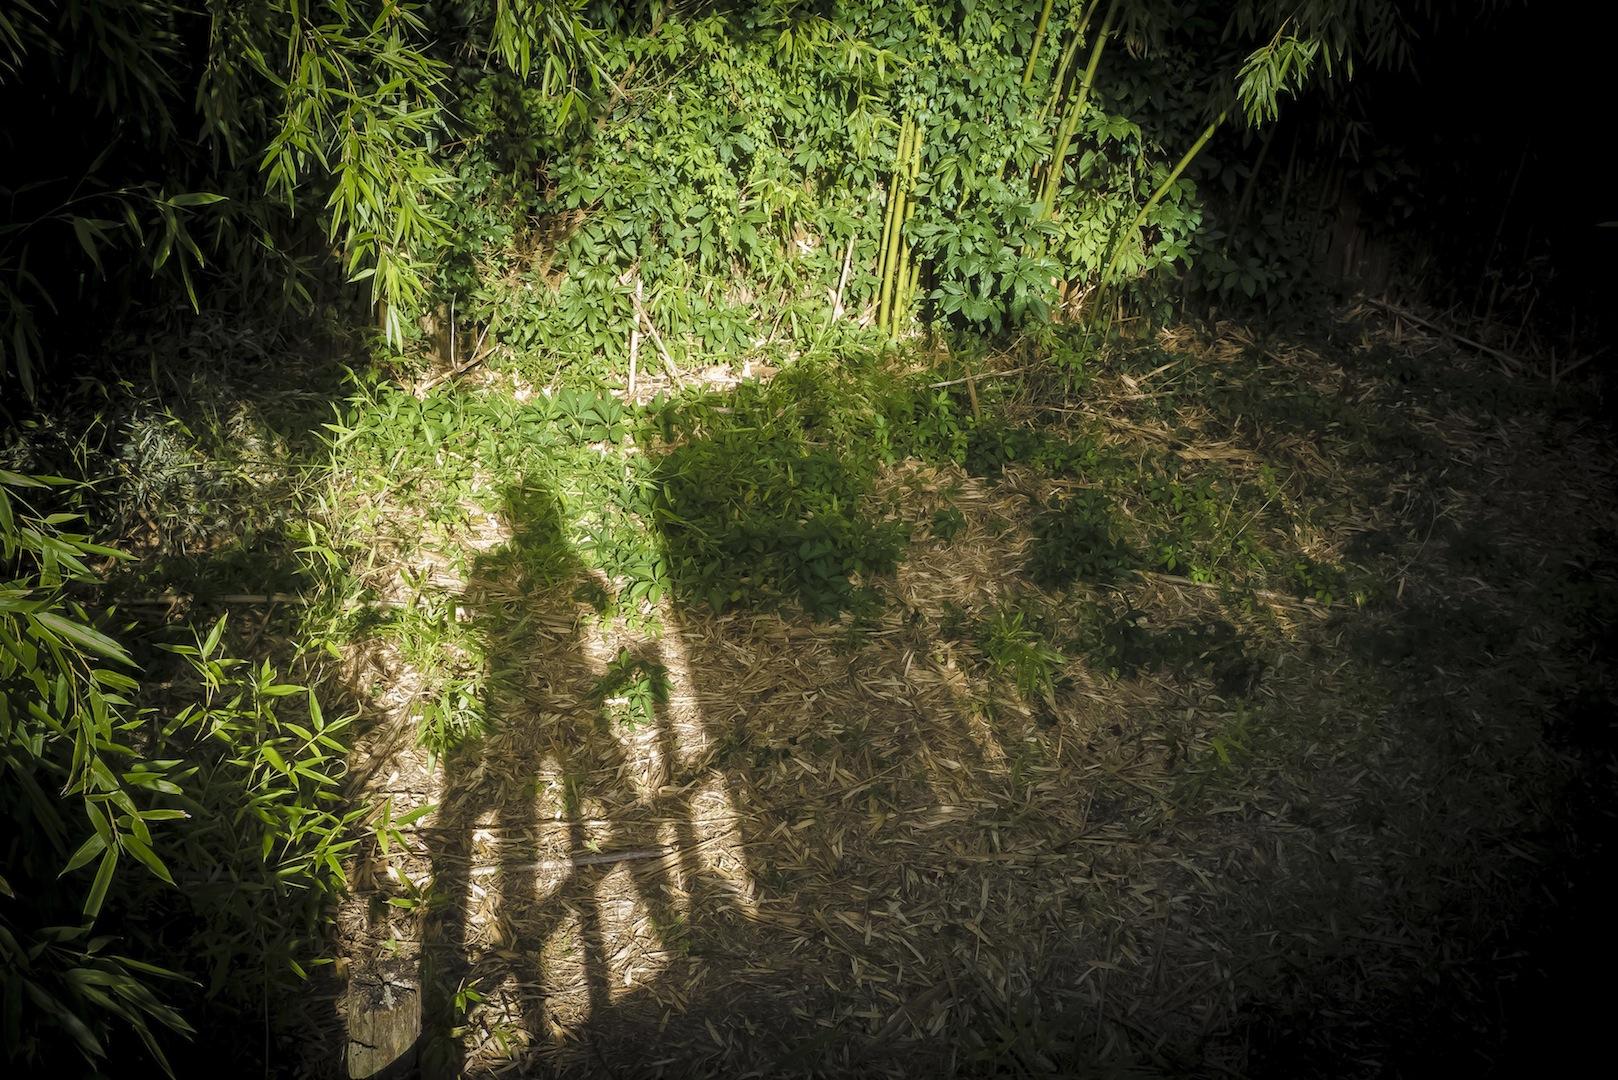 Self-Portraits-07-L1040791